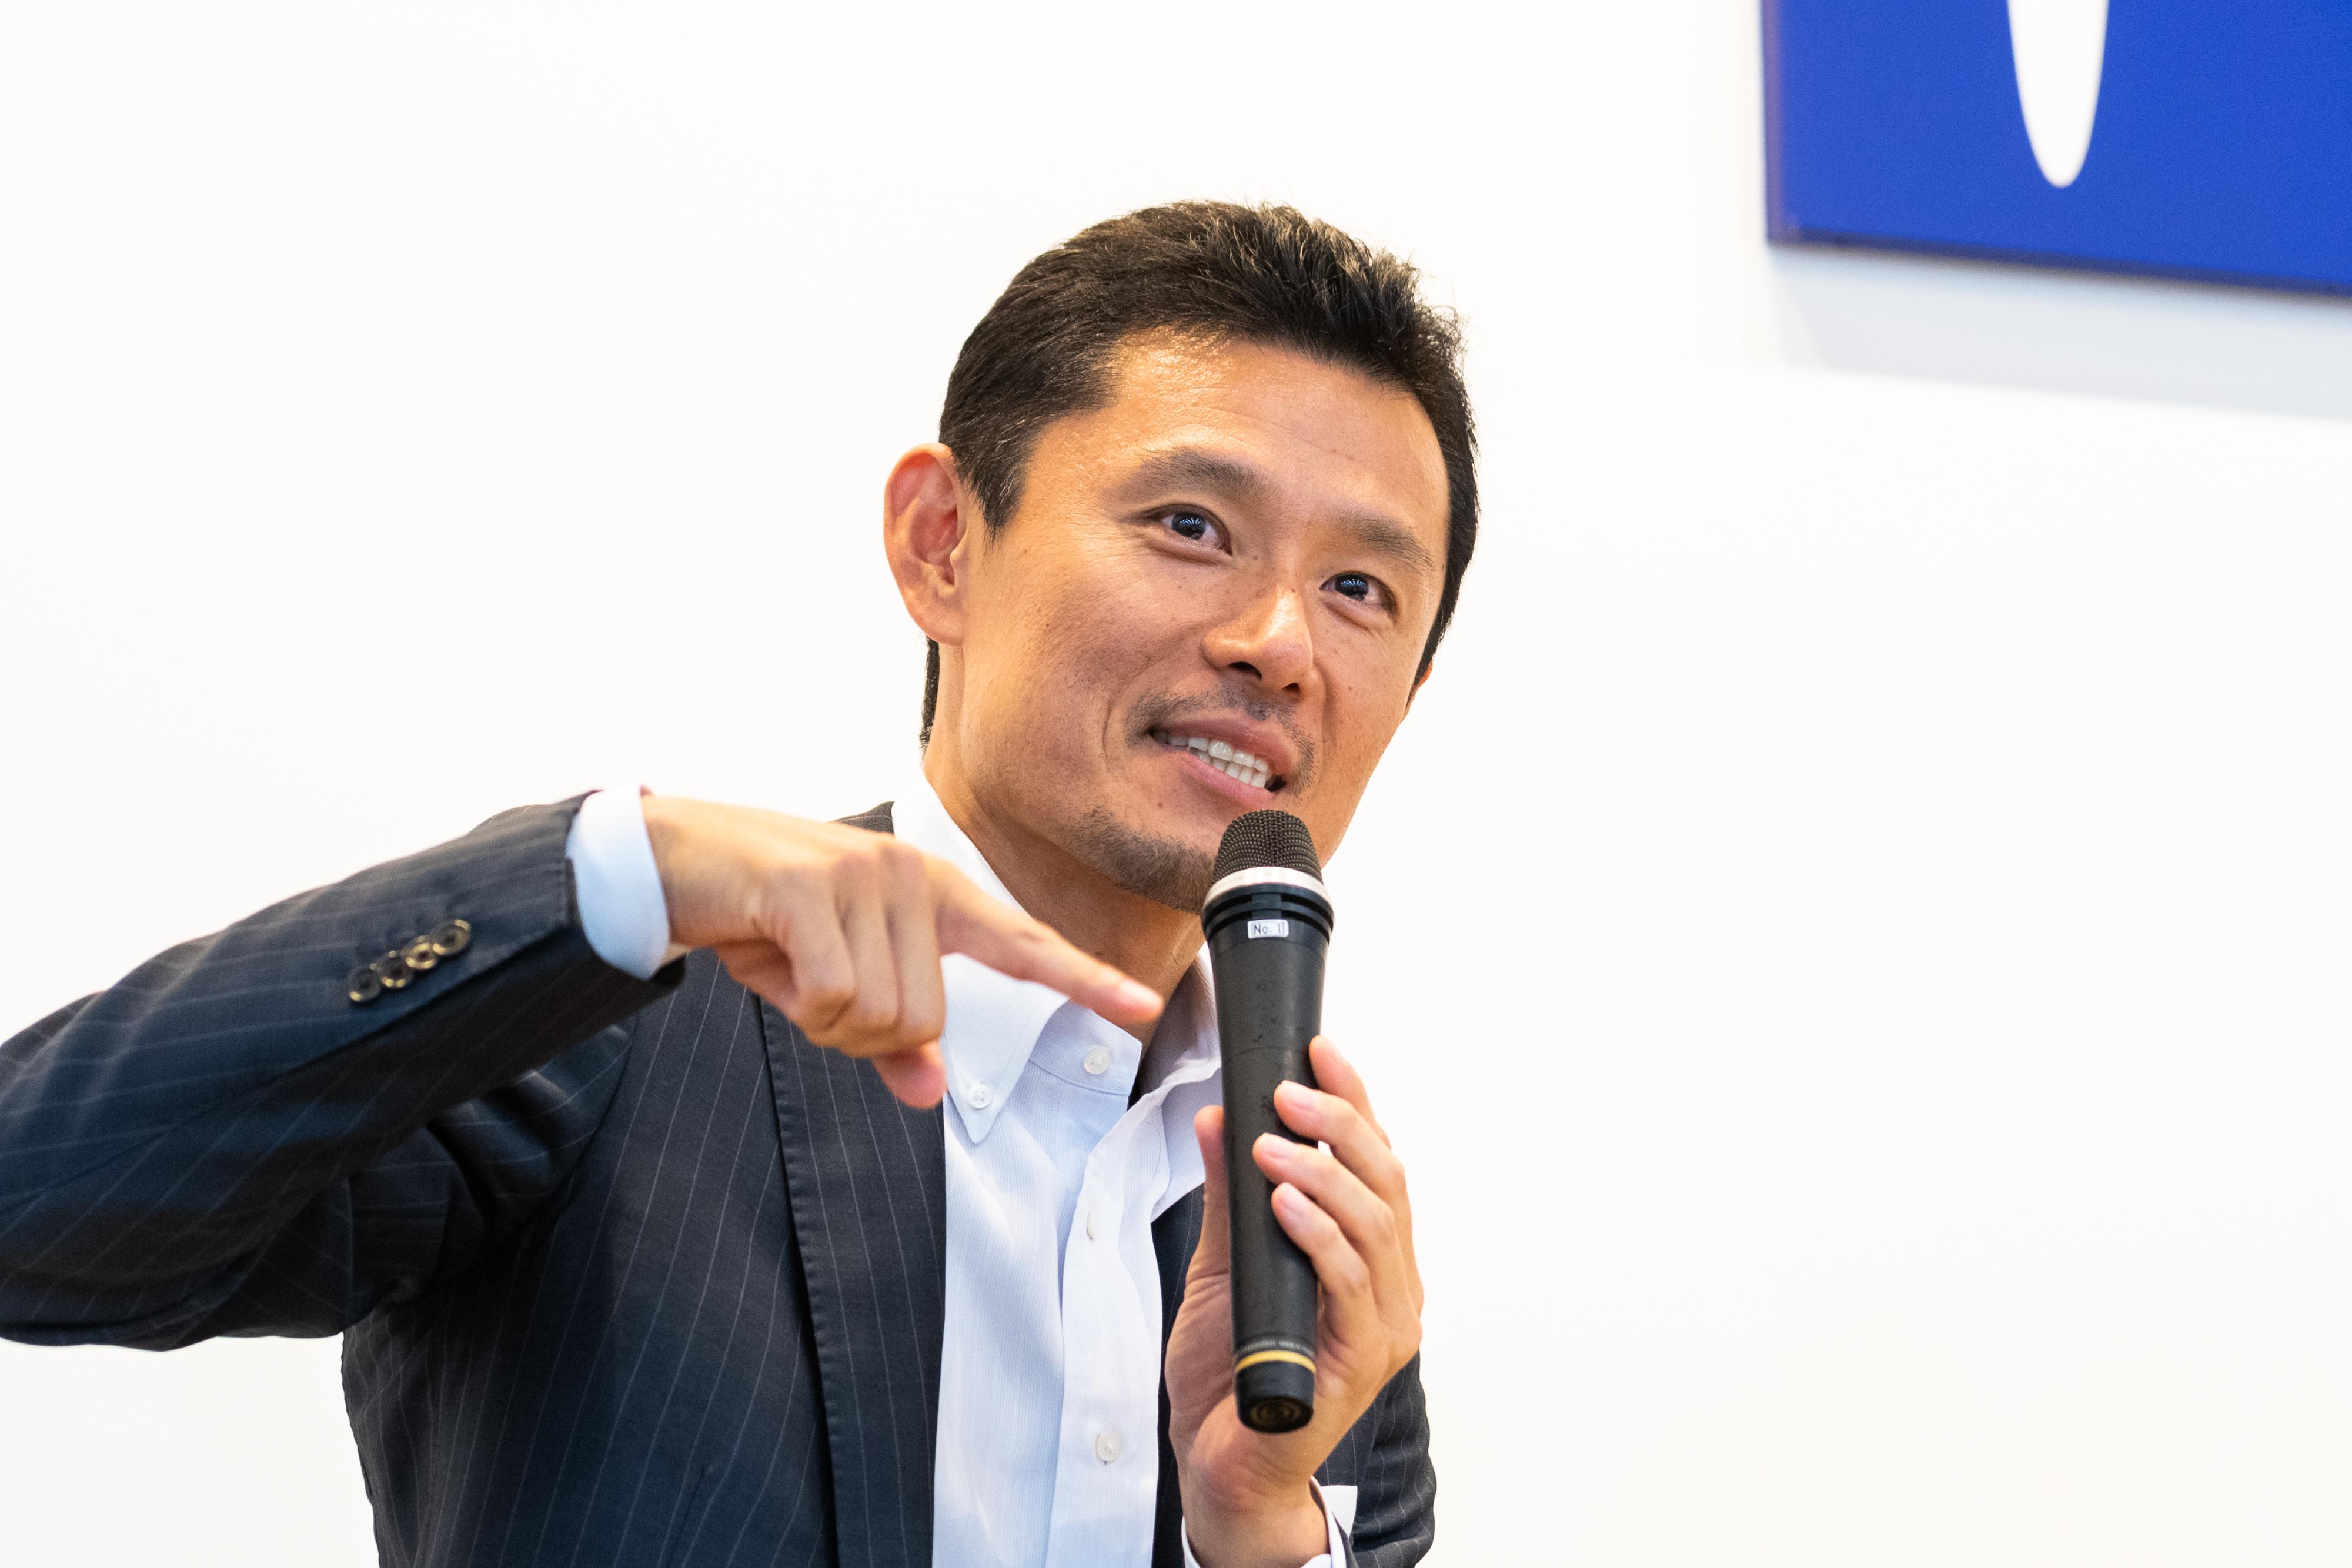 株式会社グロービス マネジング・ディレクター 井上 陽介